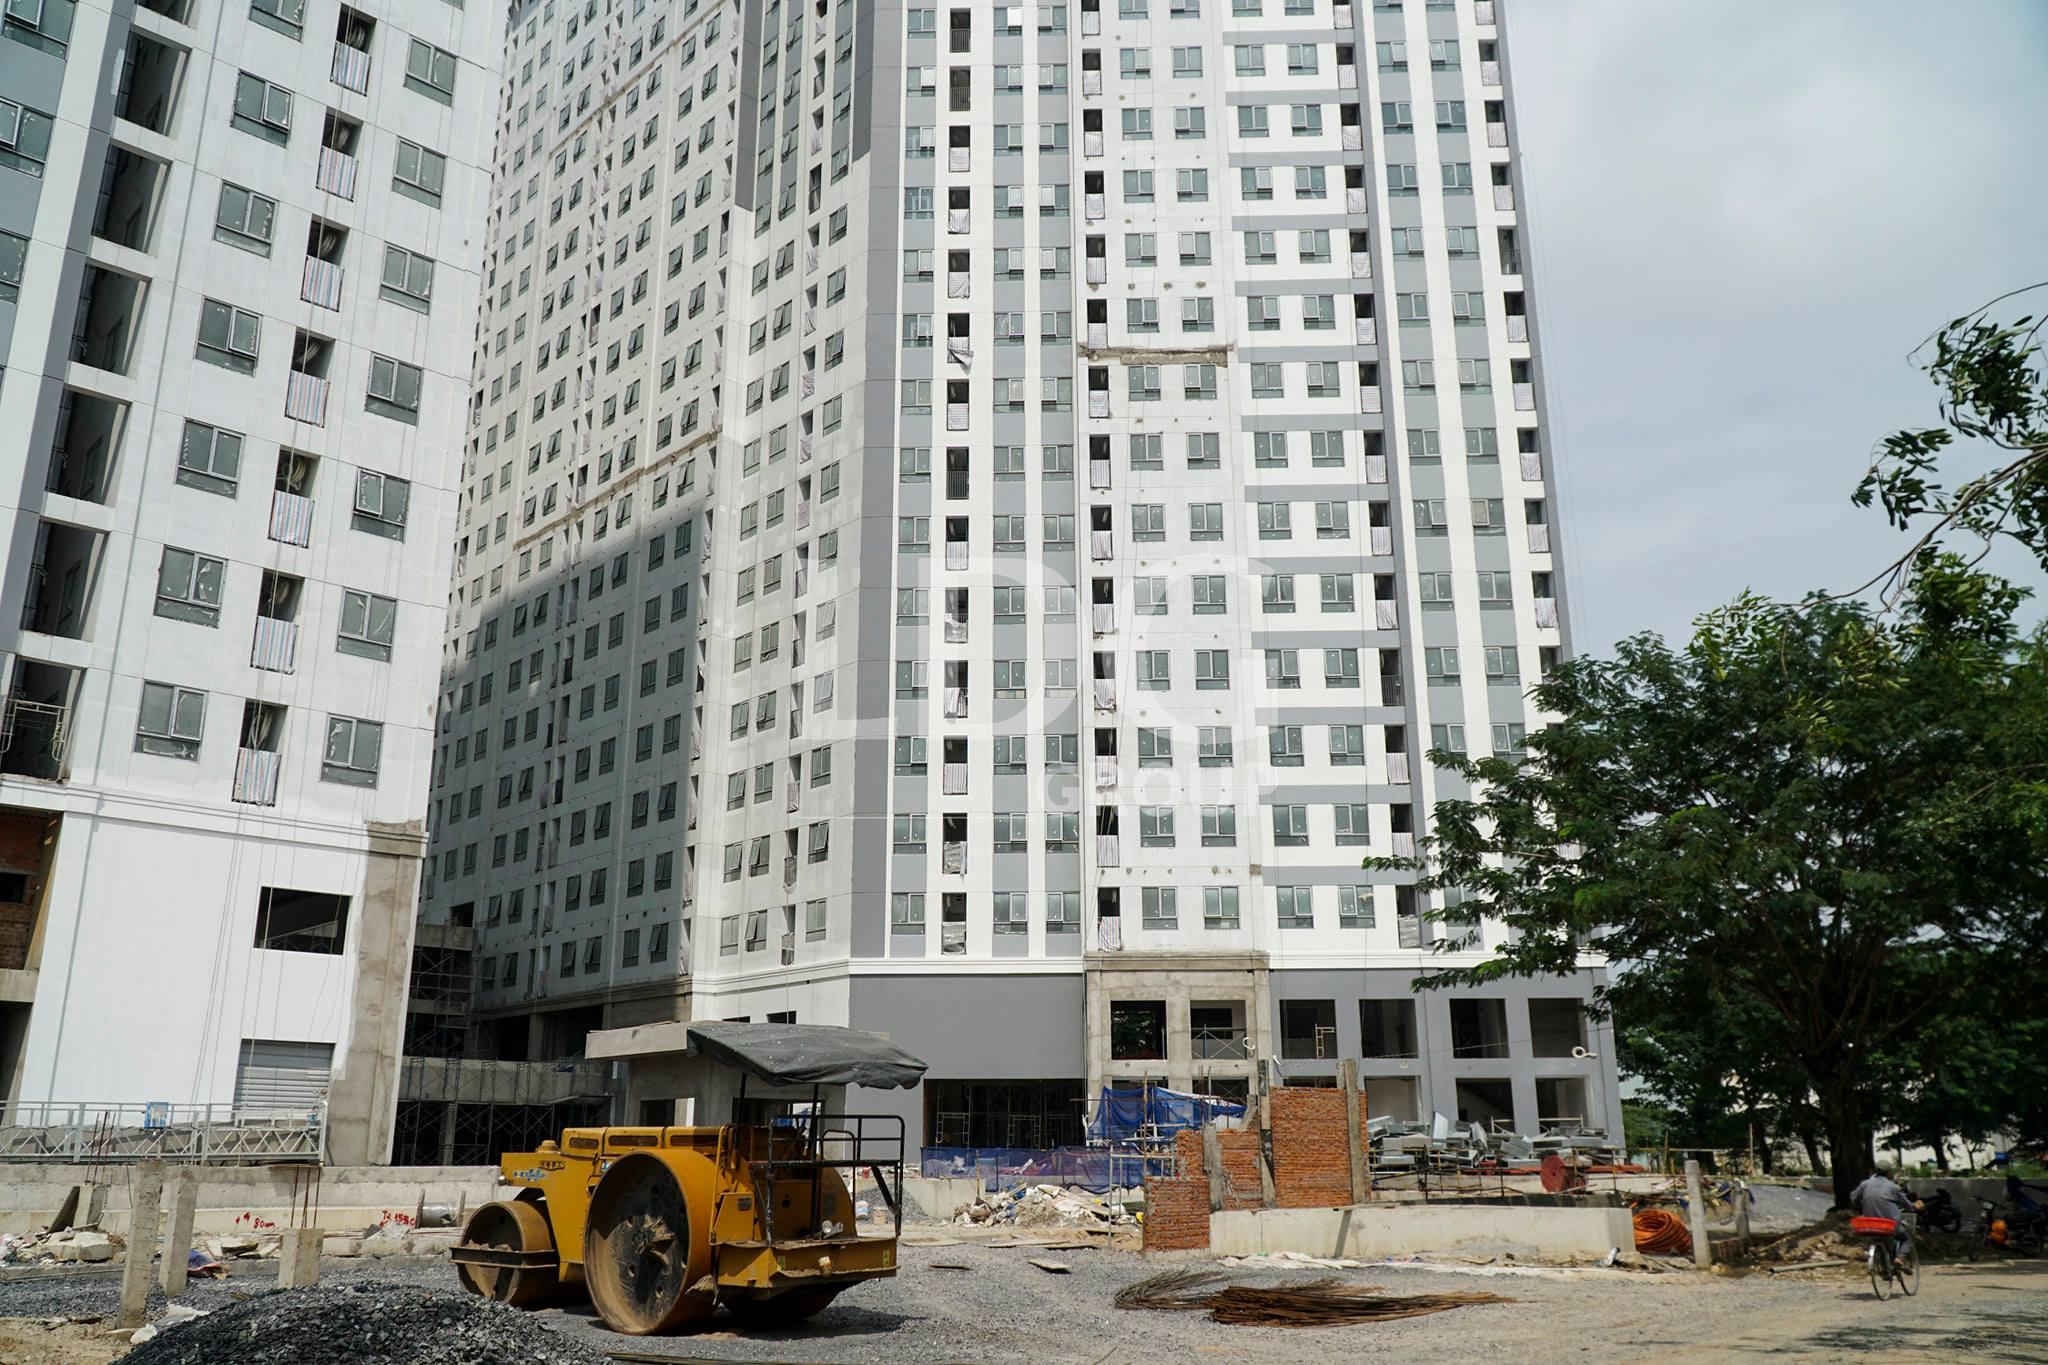 10 dự án chung cư nổi bật tại TP.HCM sẽ bàn giao từ nay đến trước Tết Nguyên Đán 2